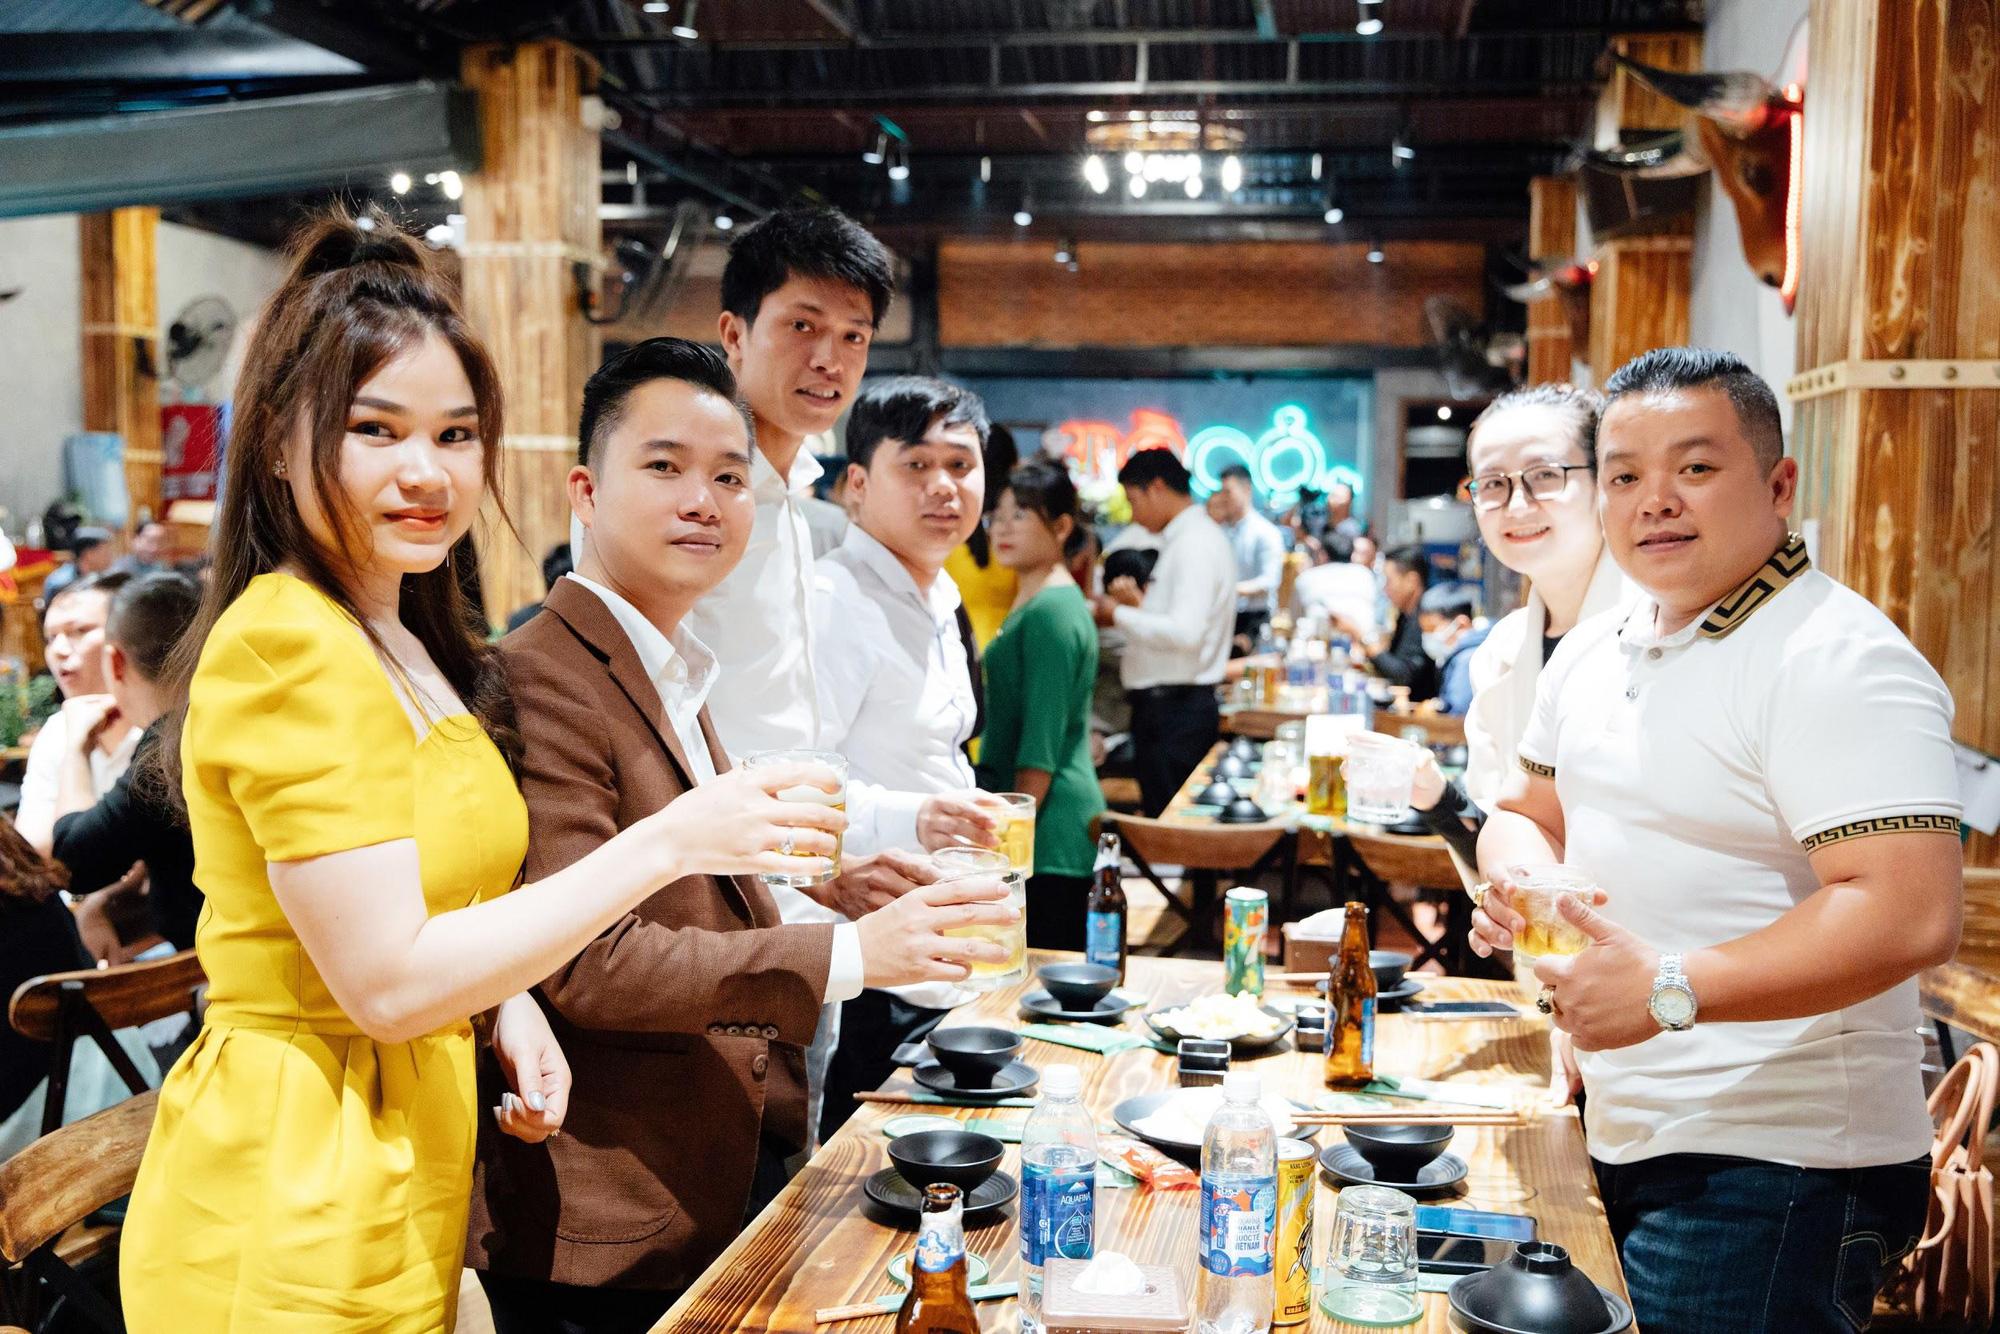 No căng bụng với vị ngon bò Việt ở Bò Cỏ Lẩu mới toe tại Đà Nẵng - Ảnh 4.